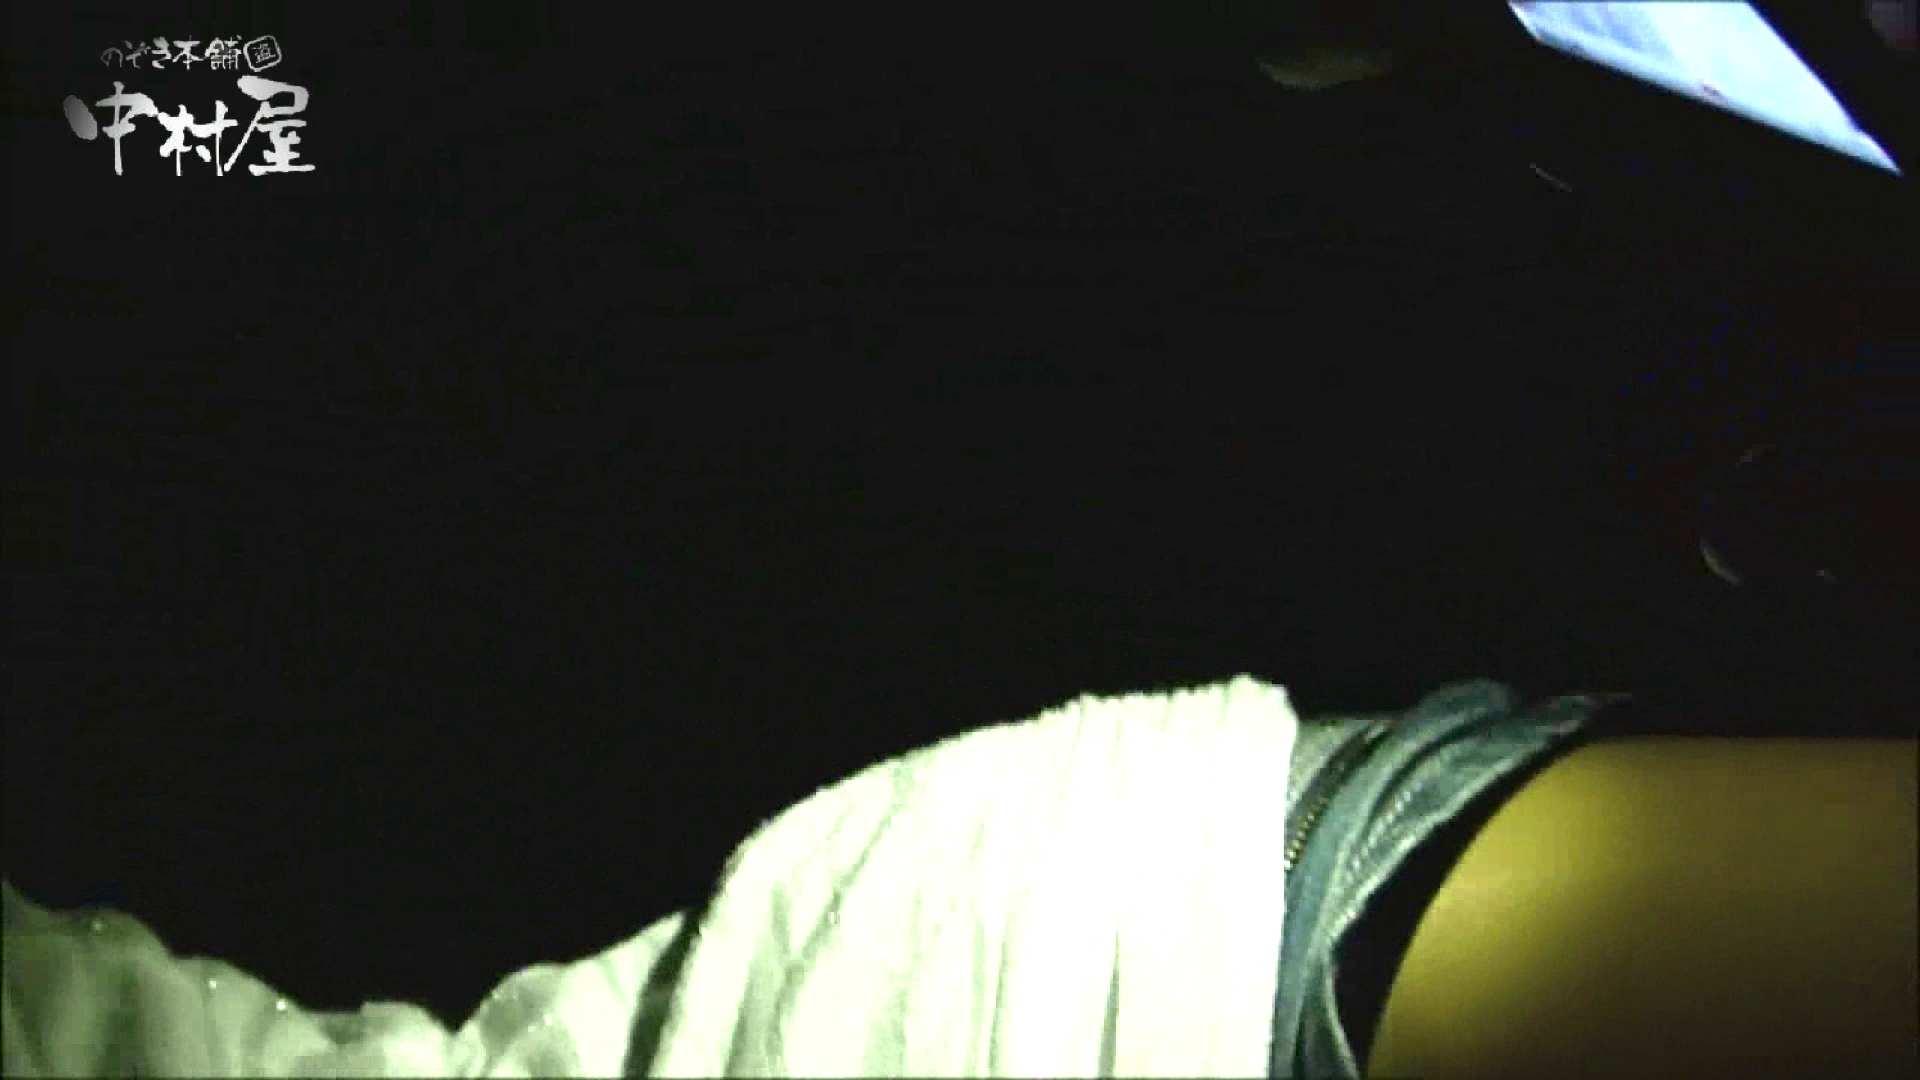 欲望 リアルドール Vol.01 Kちゃんショップ店員店員20歳 OLのエロ生活 性交動画流出 73連発 70